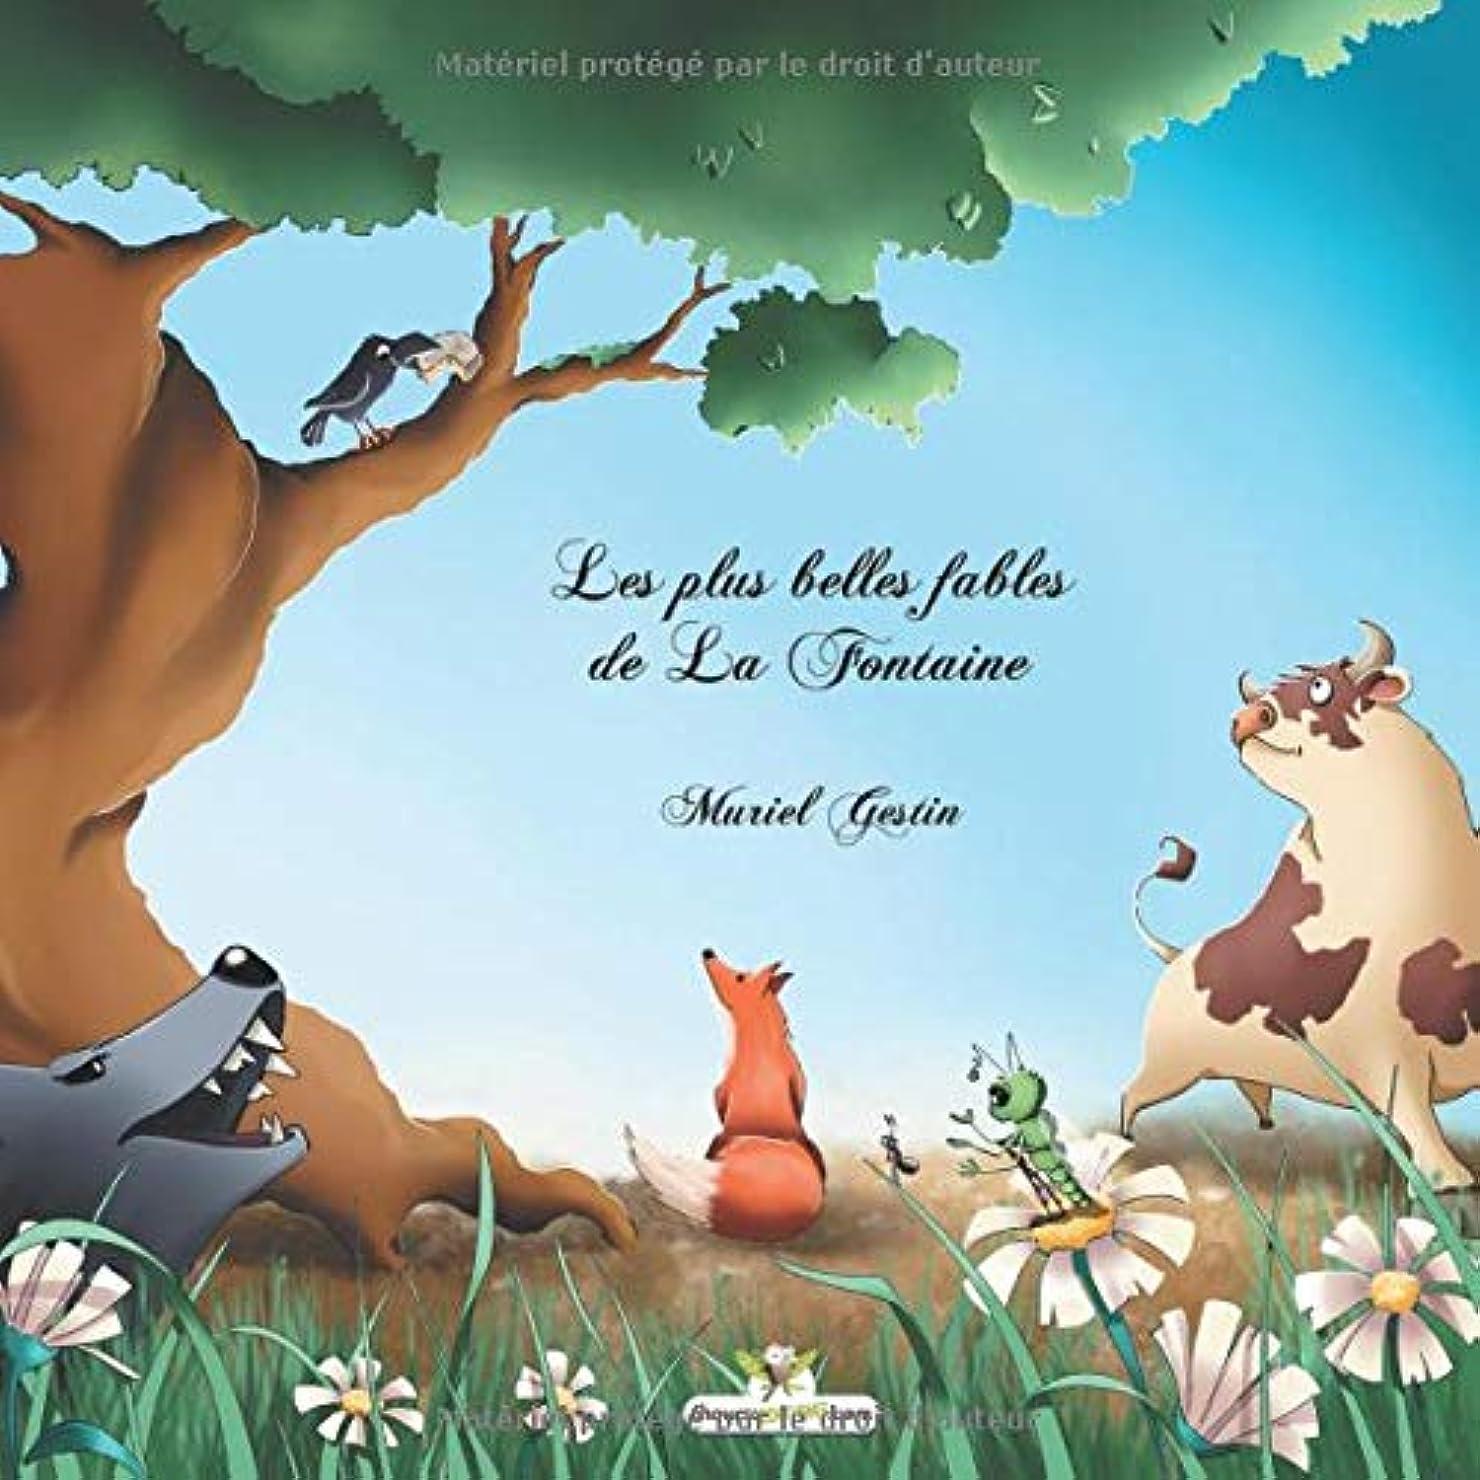 差別する契約する期待Les plus belles fables de La Fontaine